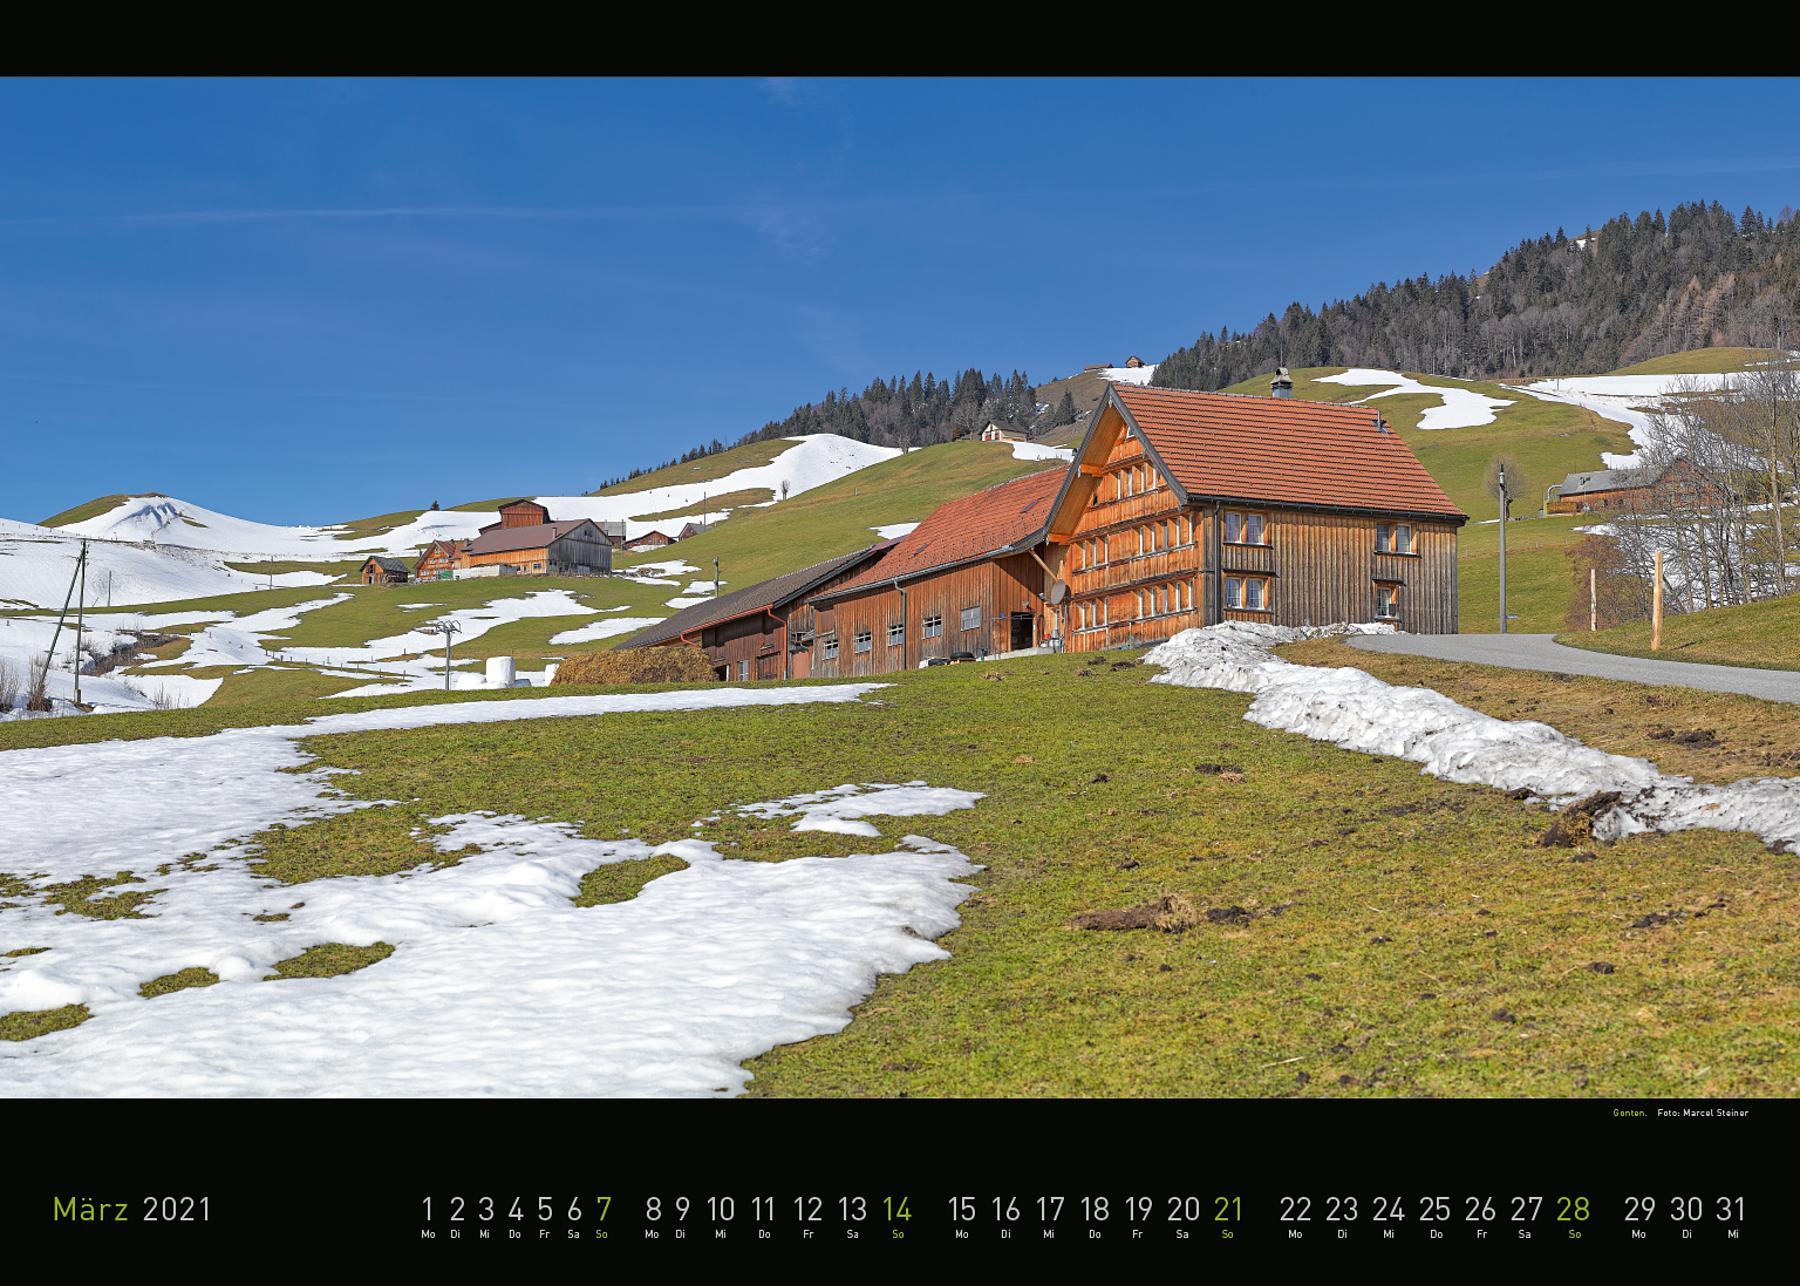 Panorama Appenzellerland 2021 März